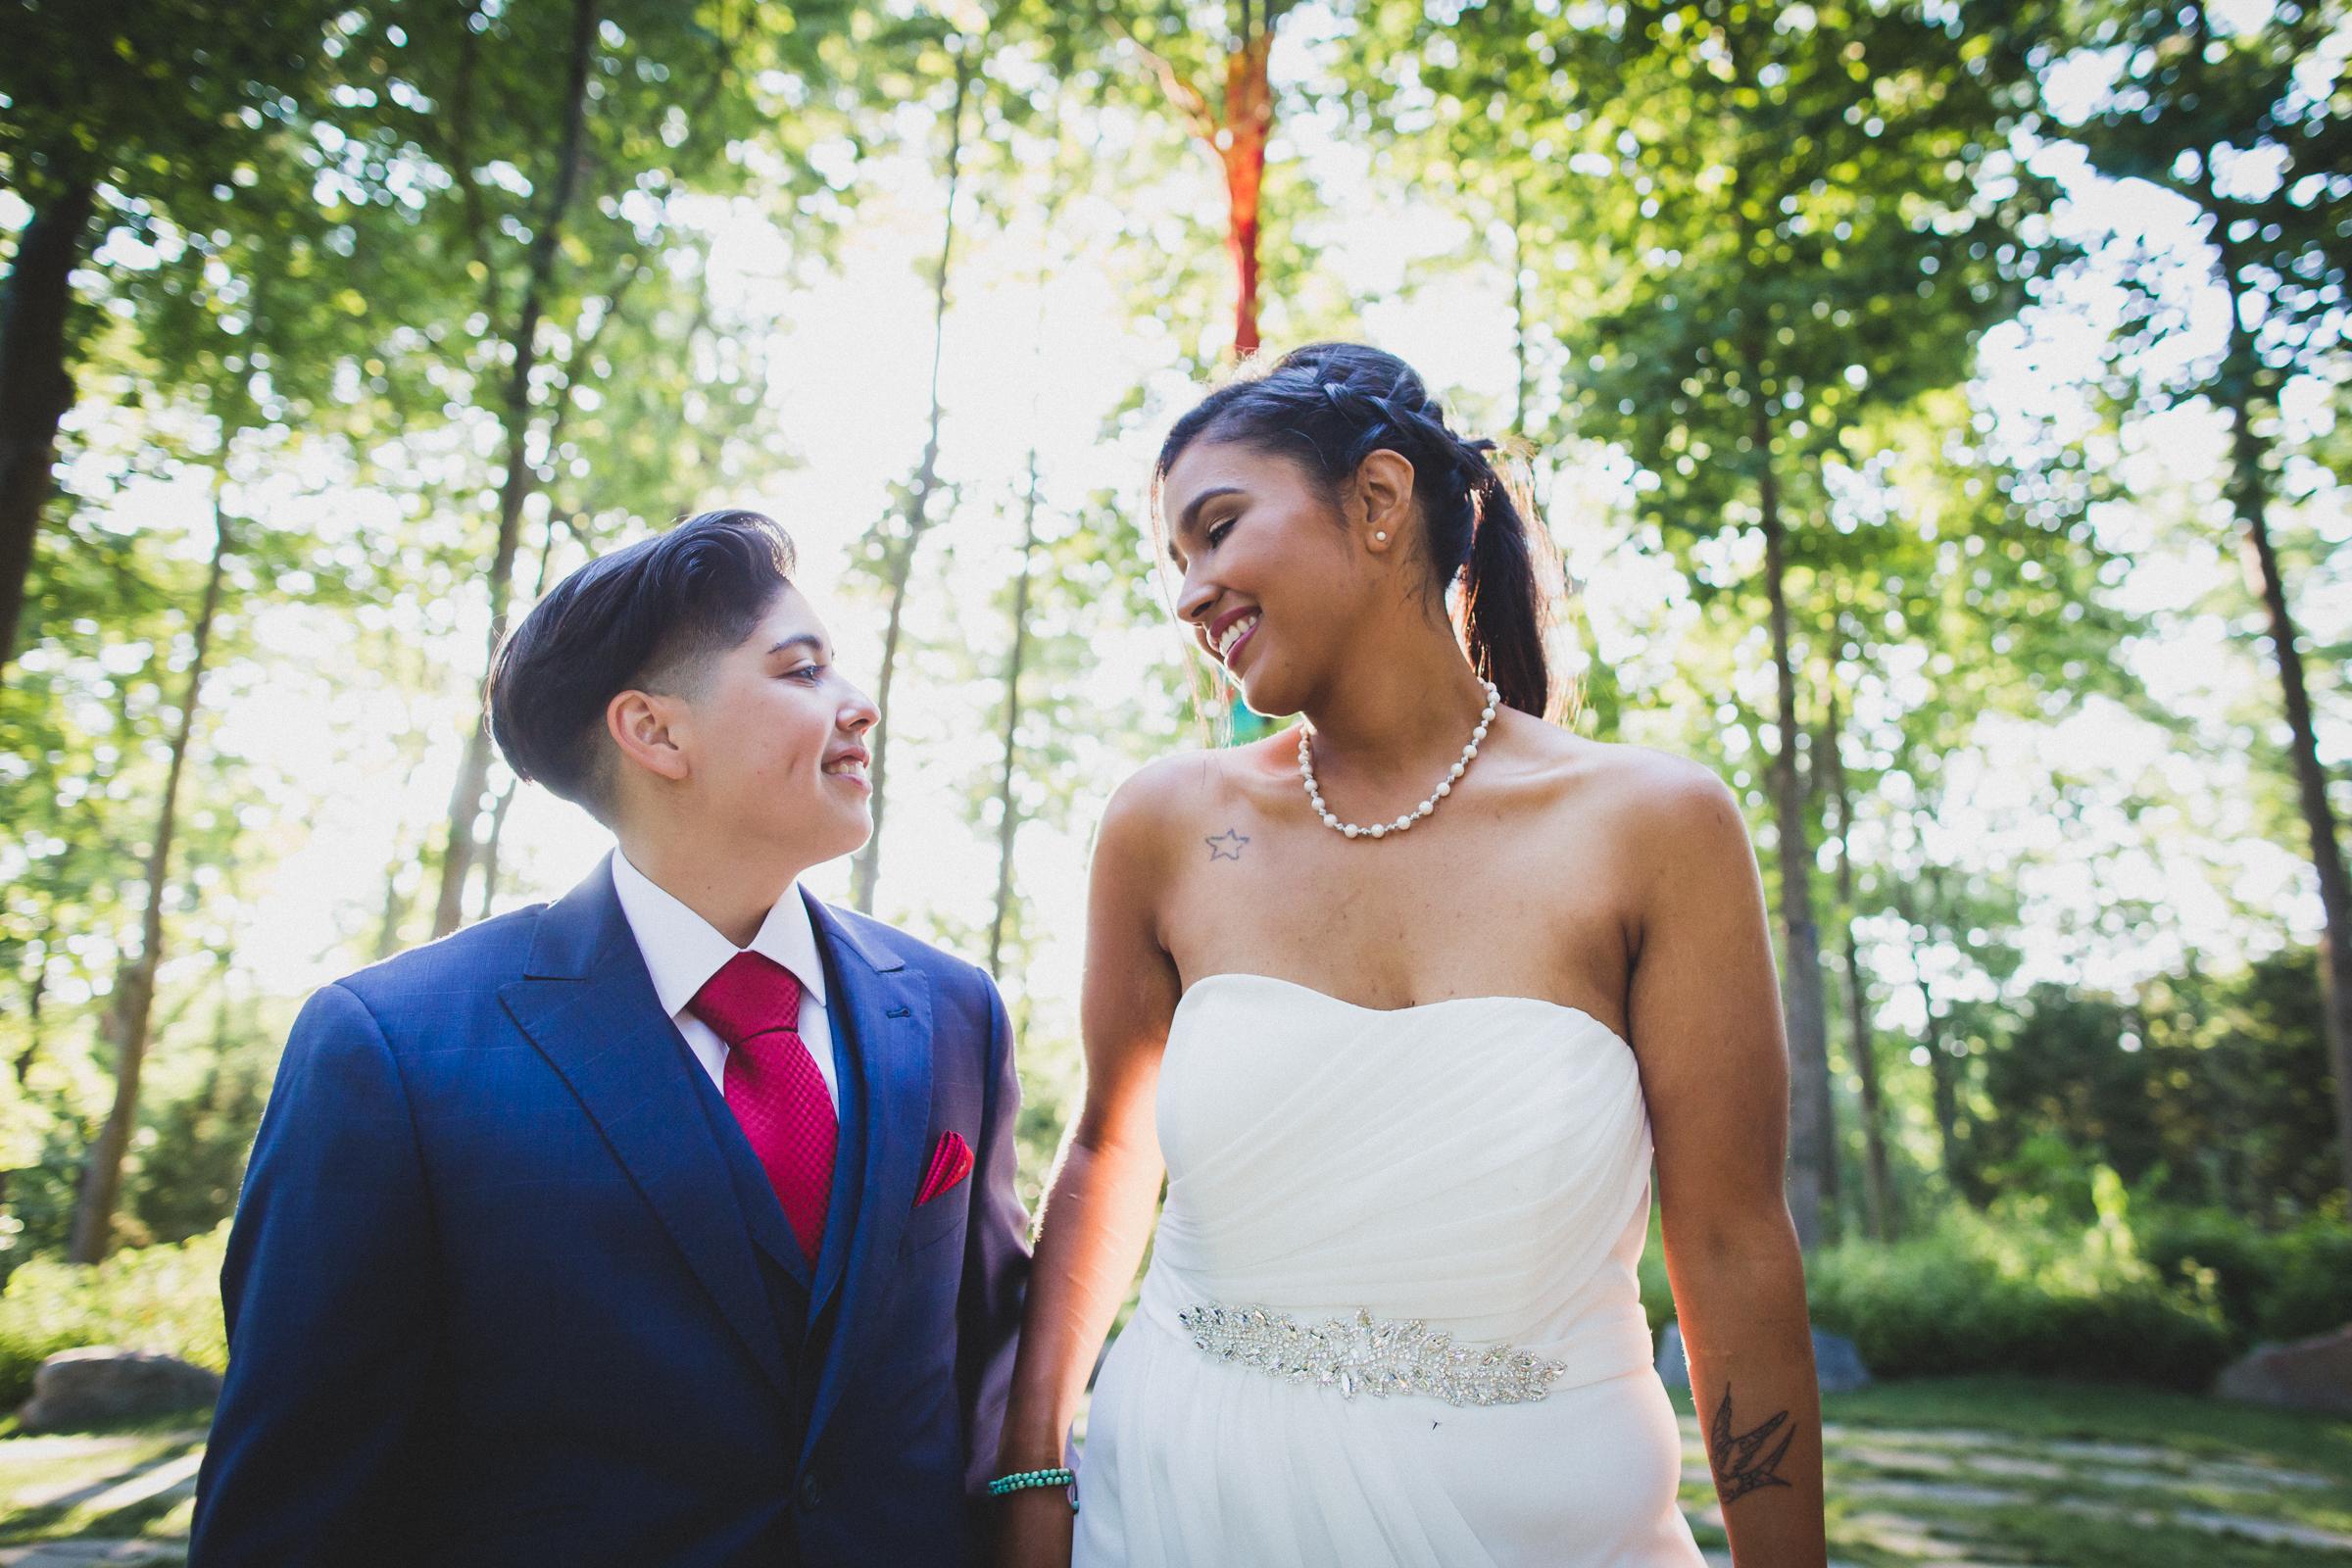 Long-Island-Documentary-Wedding-Photographer-Avalon-Park-Wedding-Photos-43.jpg